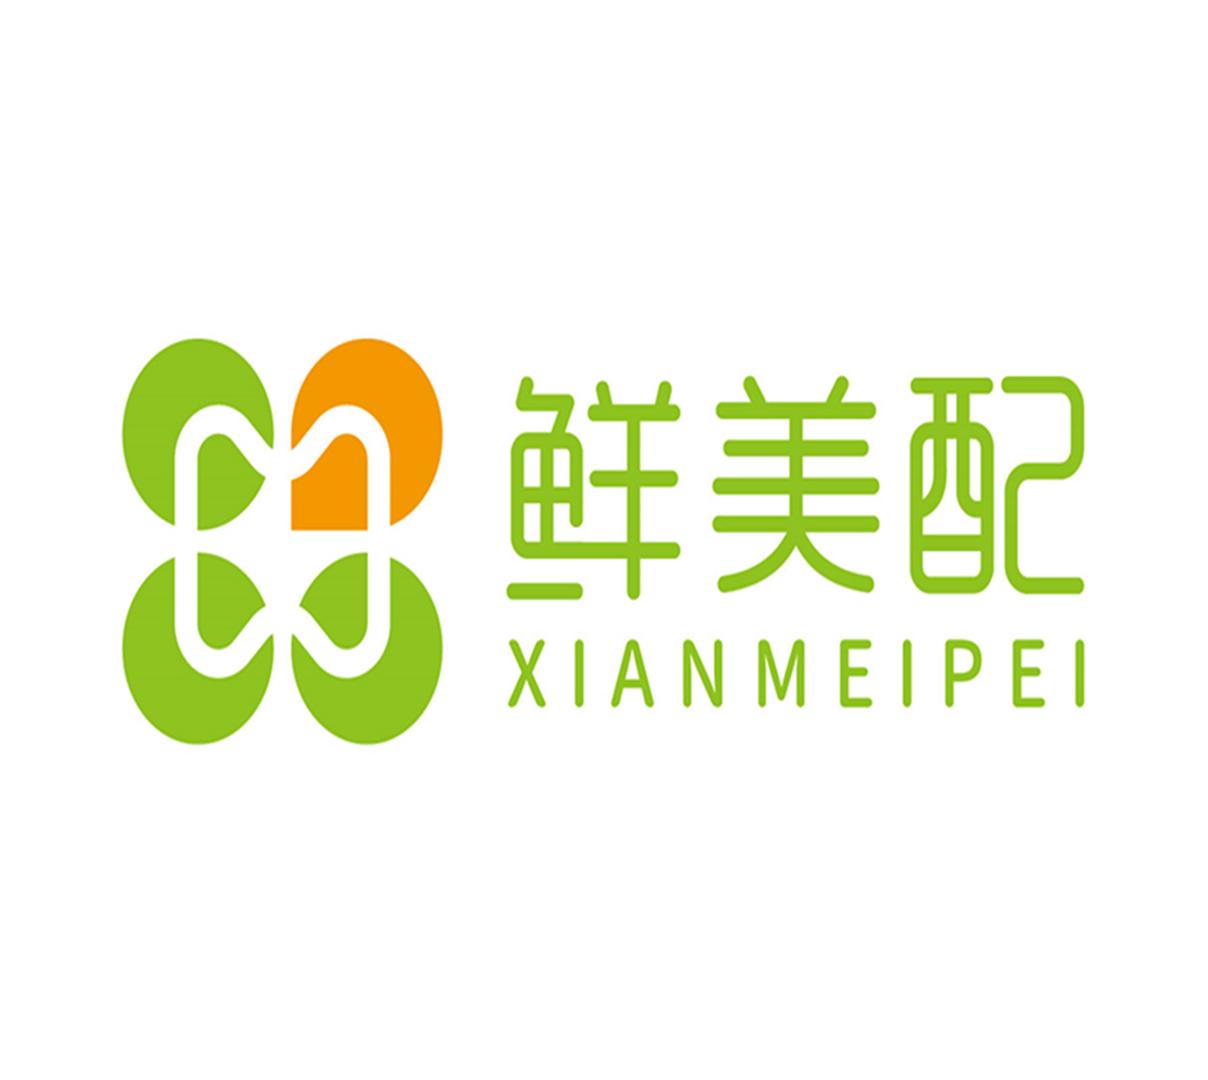 鮮美配logo設計